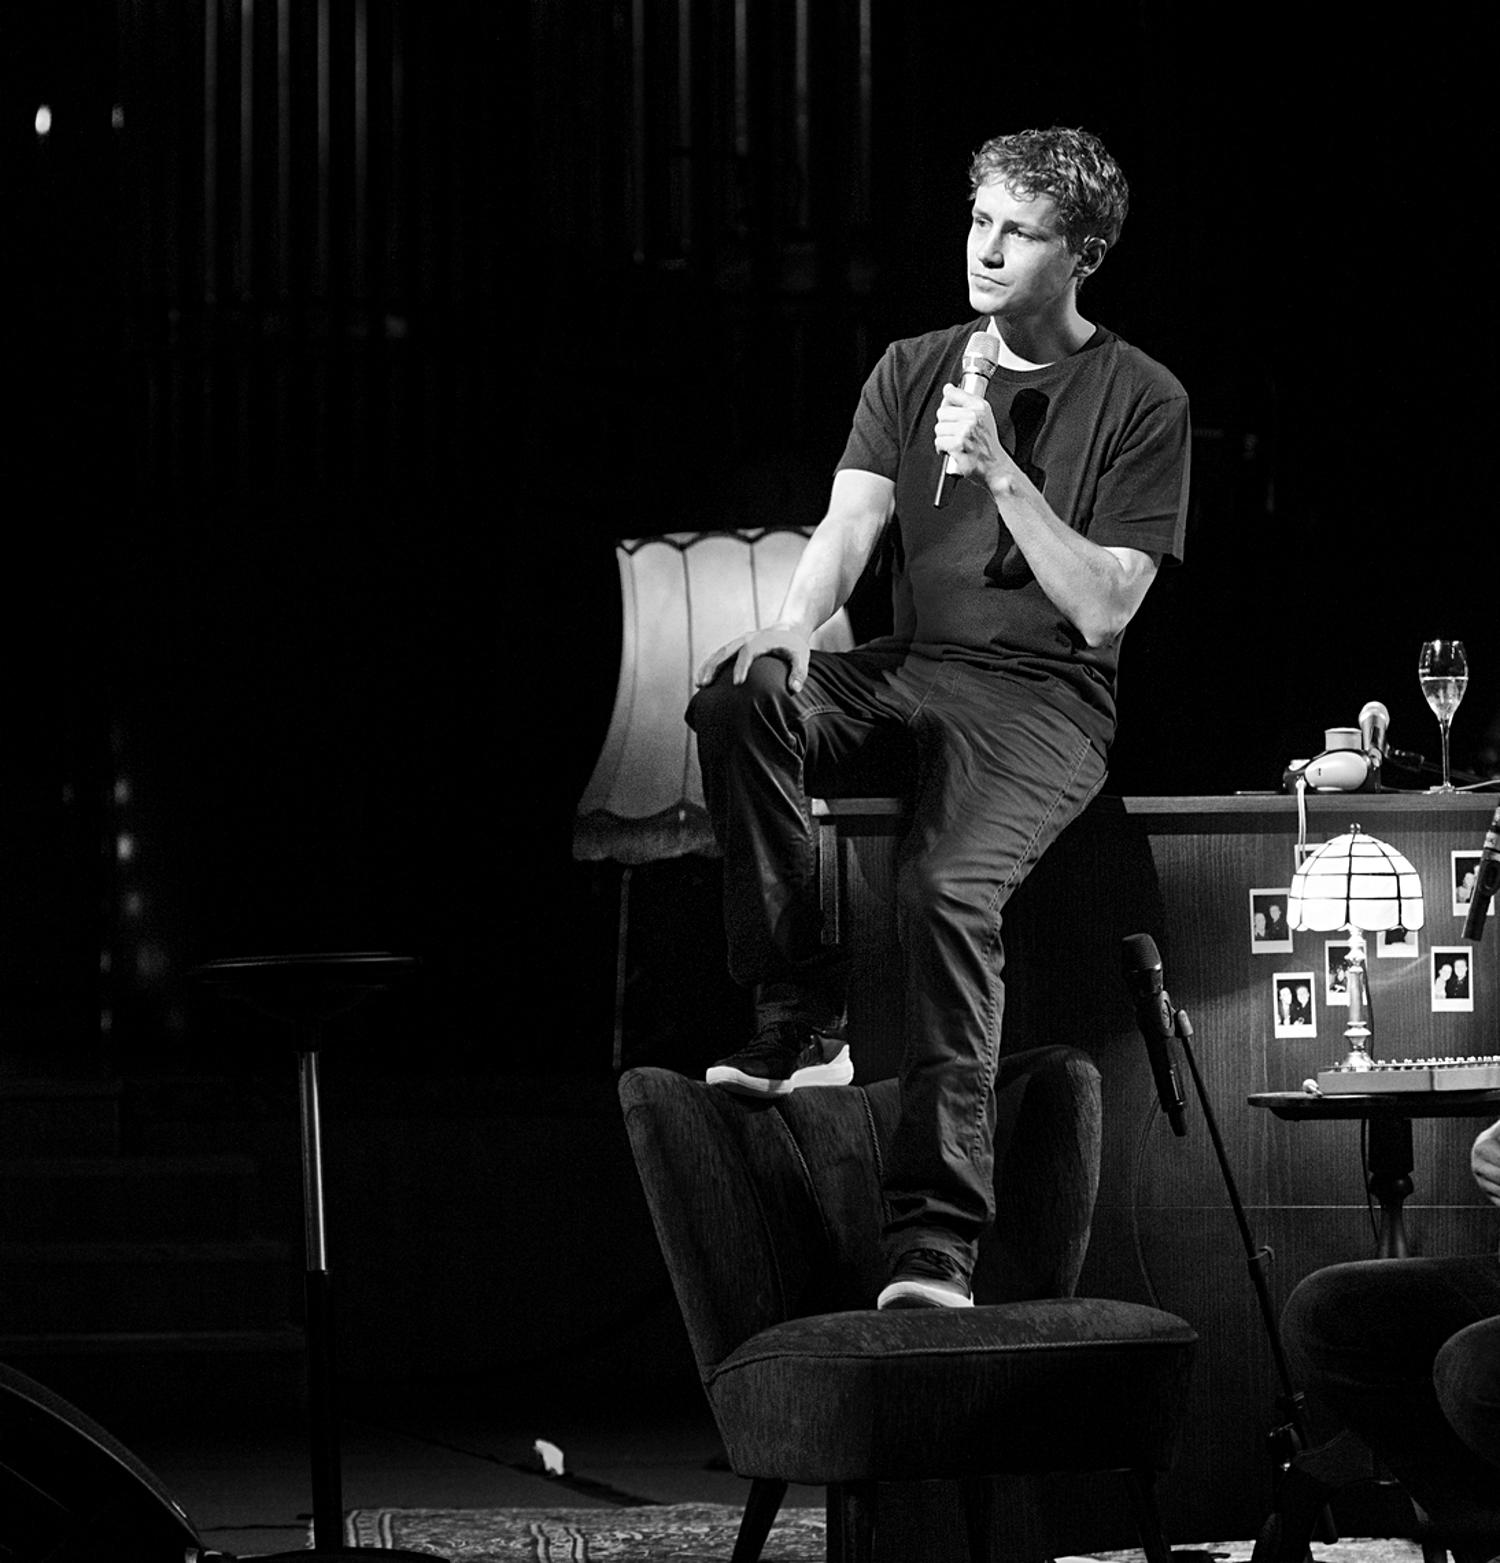 Tim Bendzko Geht Wieder Auf Wohnzimmer Konzert Tournee